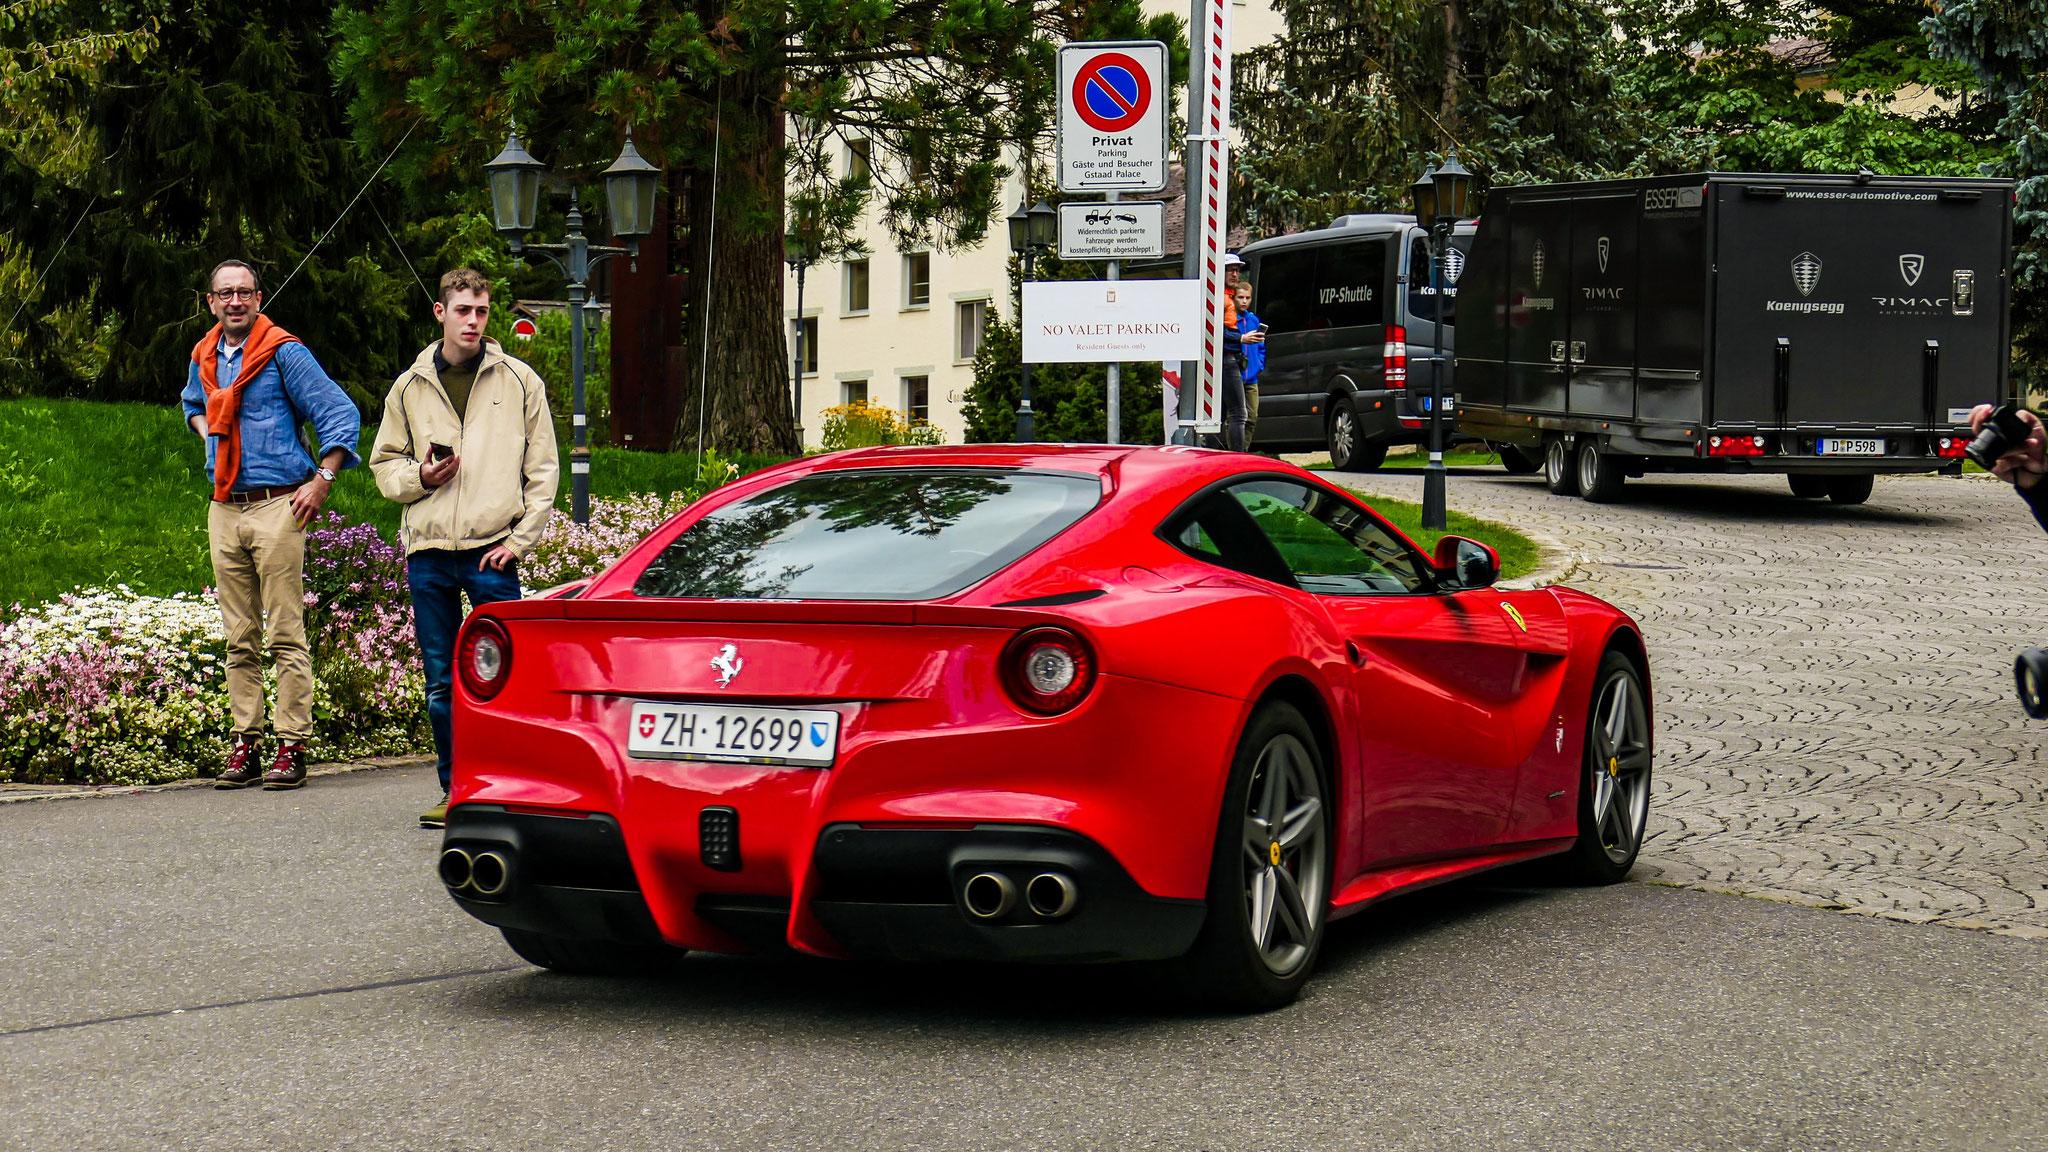 Ferrari F12 Berlinetta - ZH-12699 (CH)